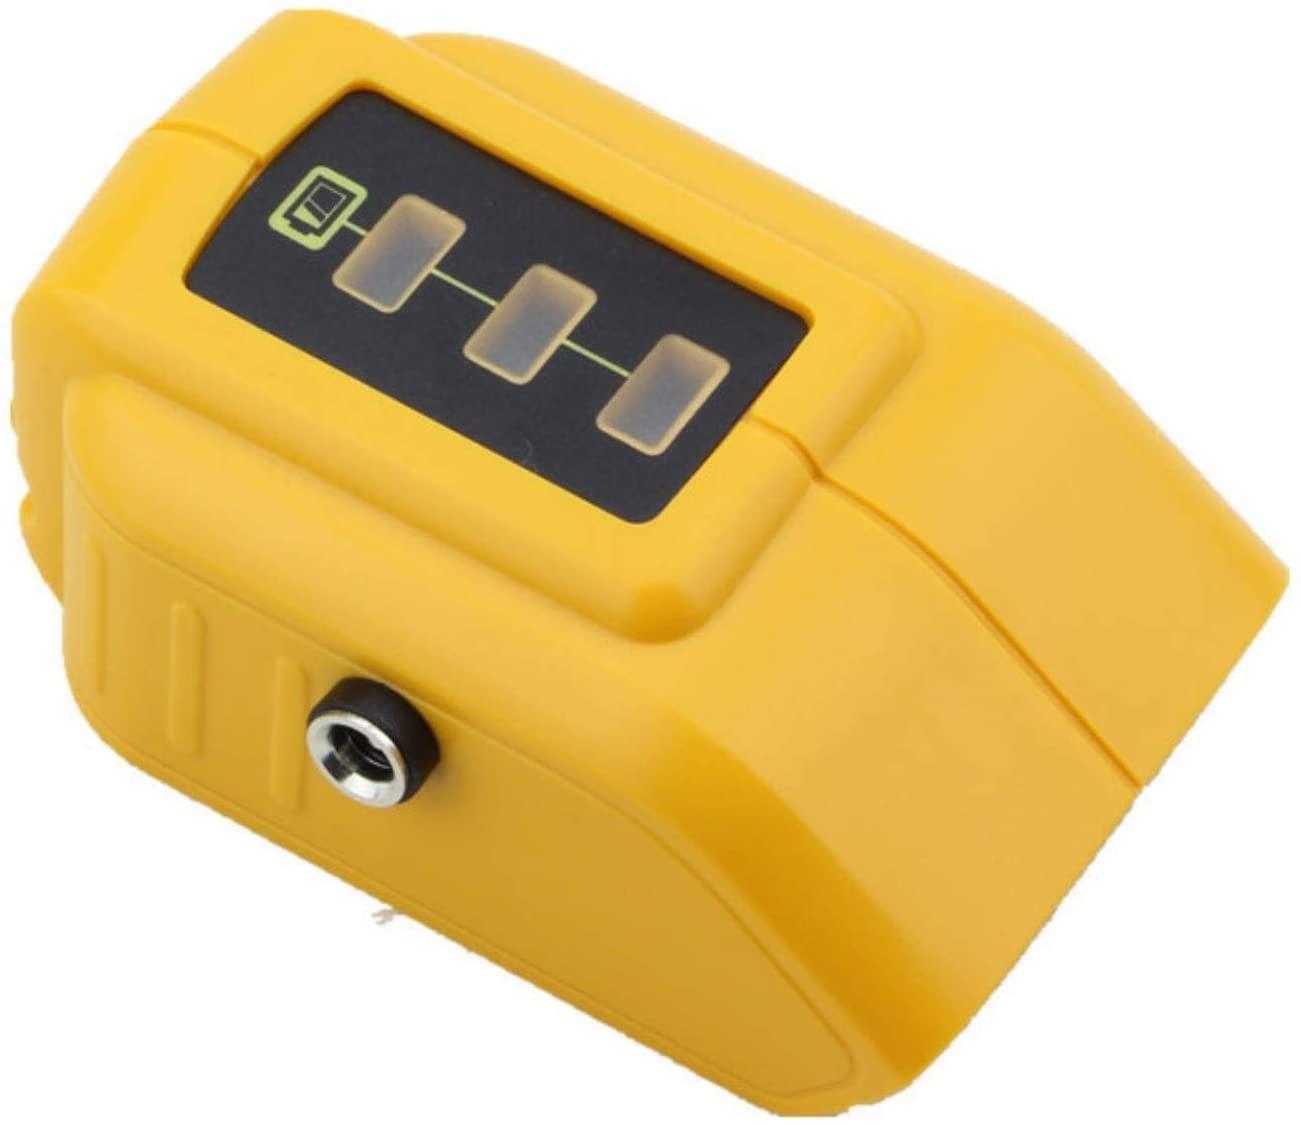 dawupine New DCB091 with 12V DC Output USB Adapter for DEWALT 10.8V 12V 18V 20V Rechargeable Jacket